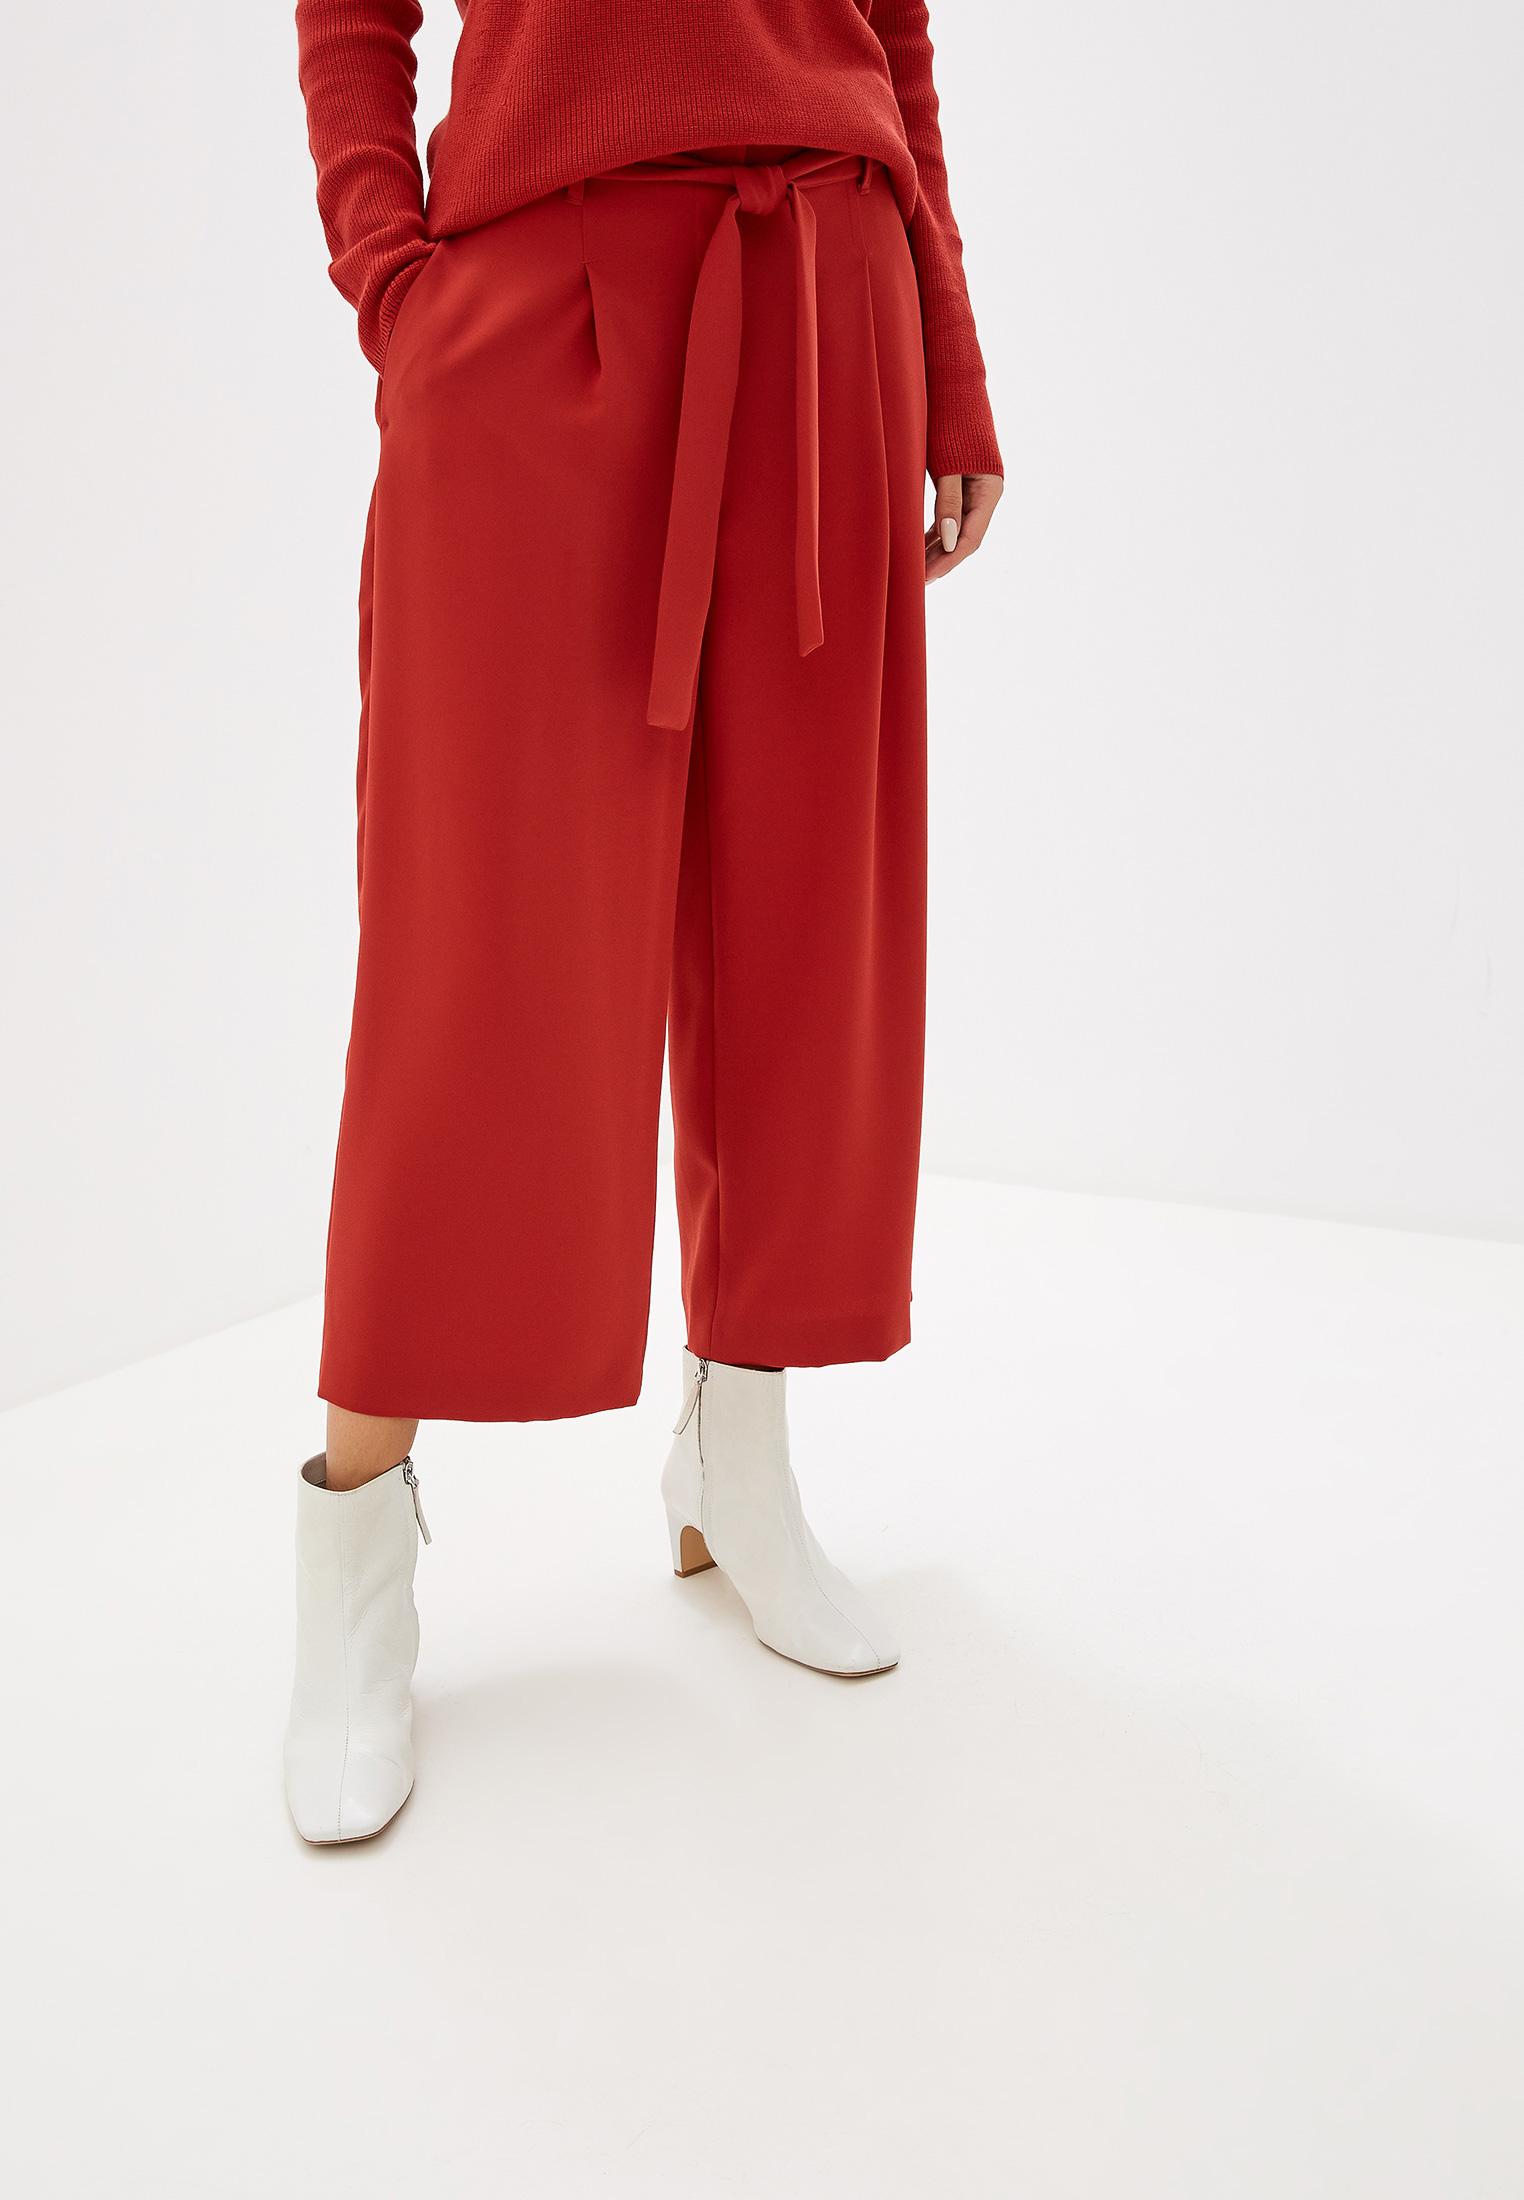 Женские широкие и расклешенные брюки Gerry Weber (Гарри Вебер) 220005-31242